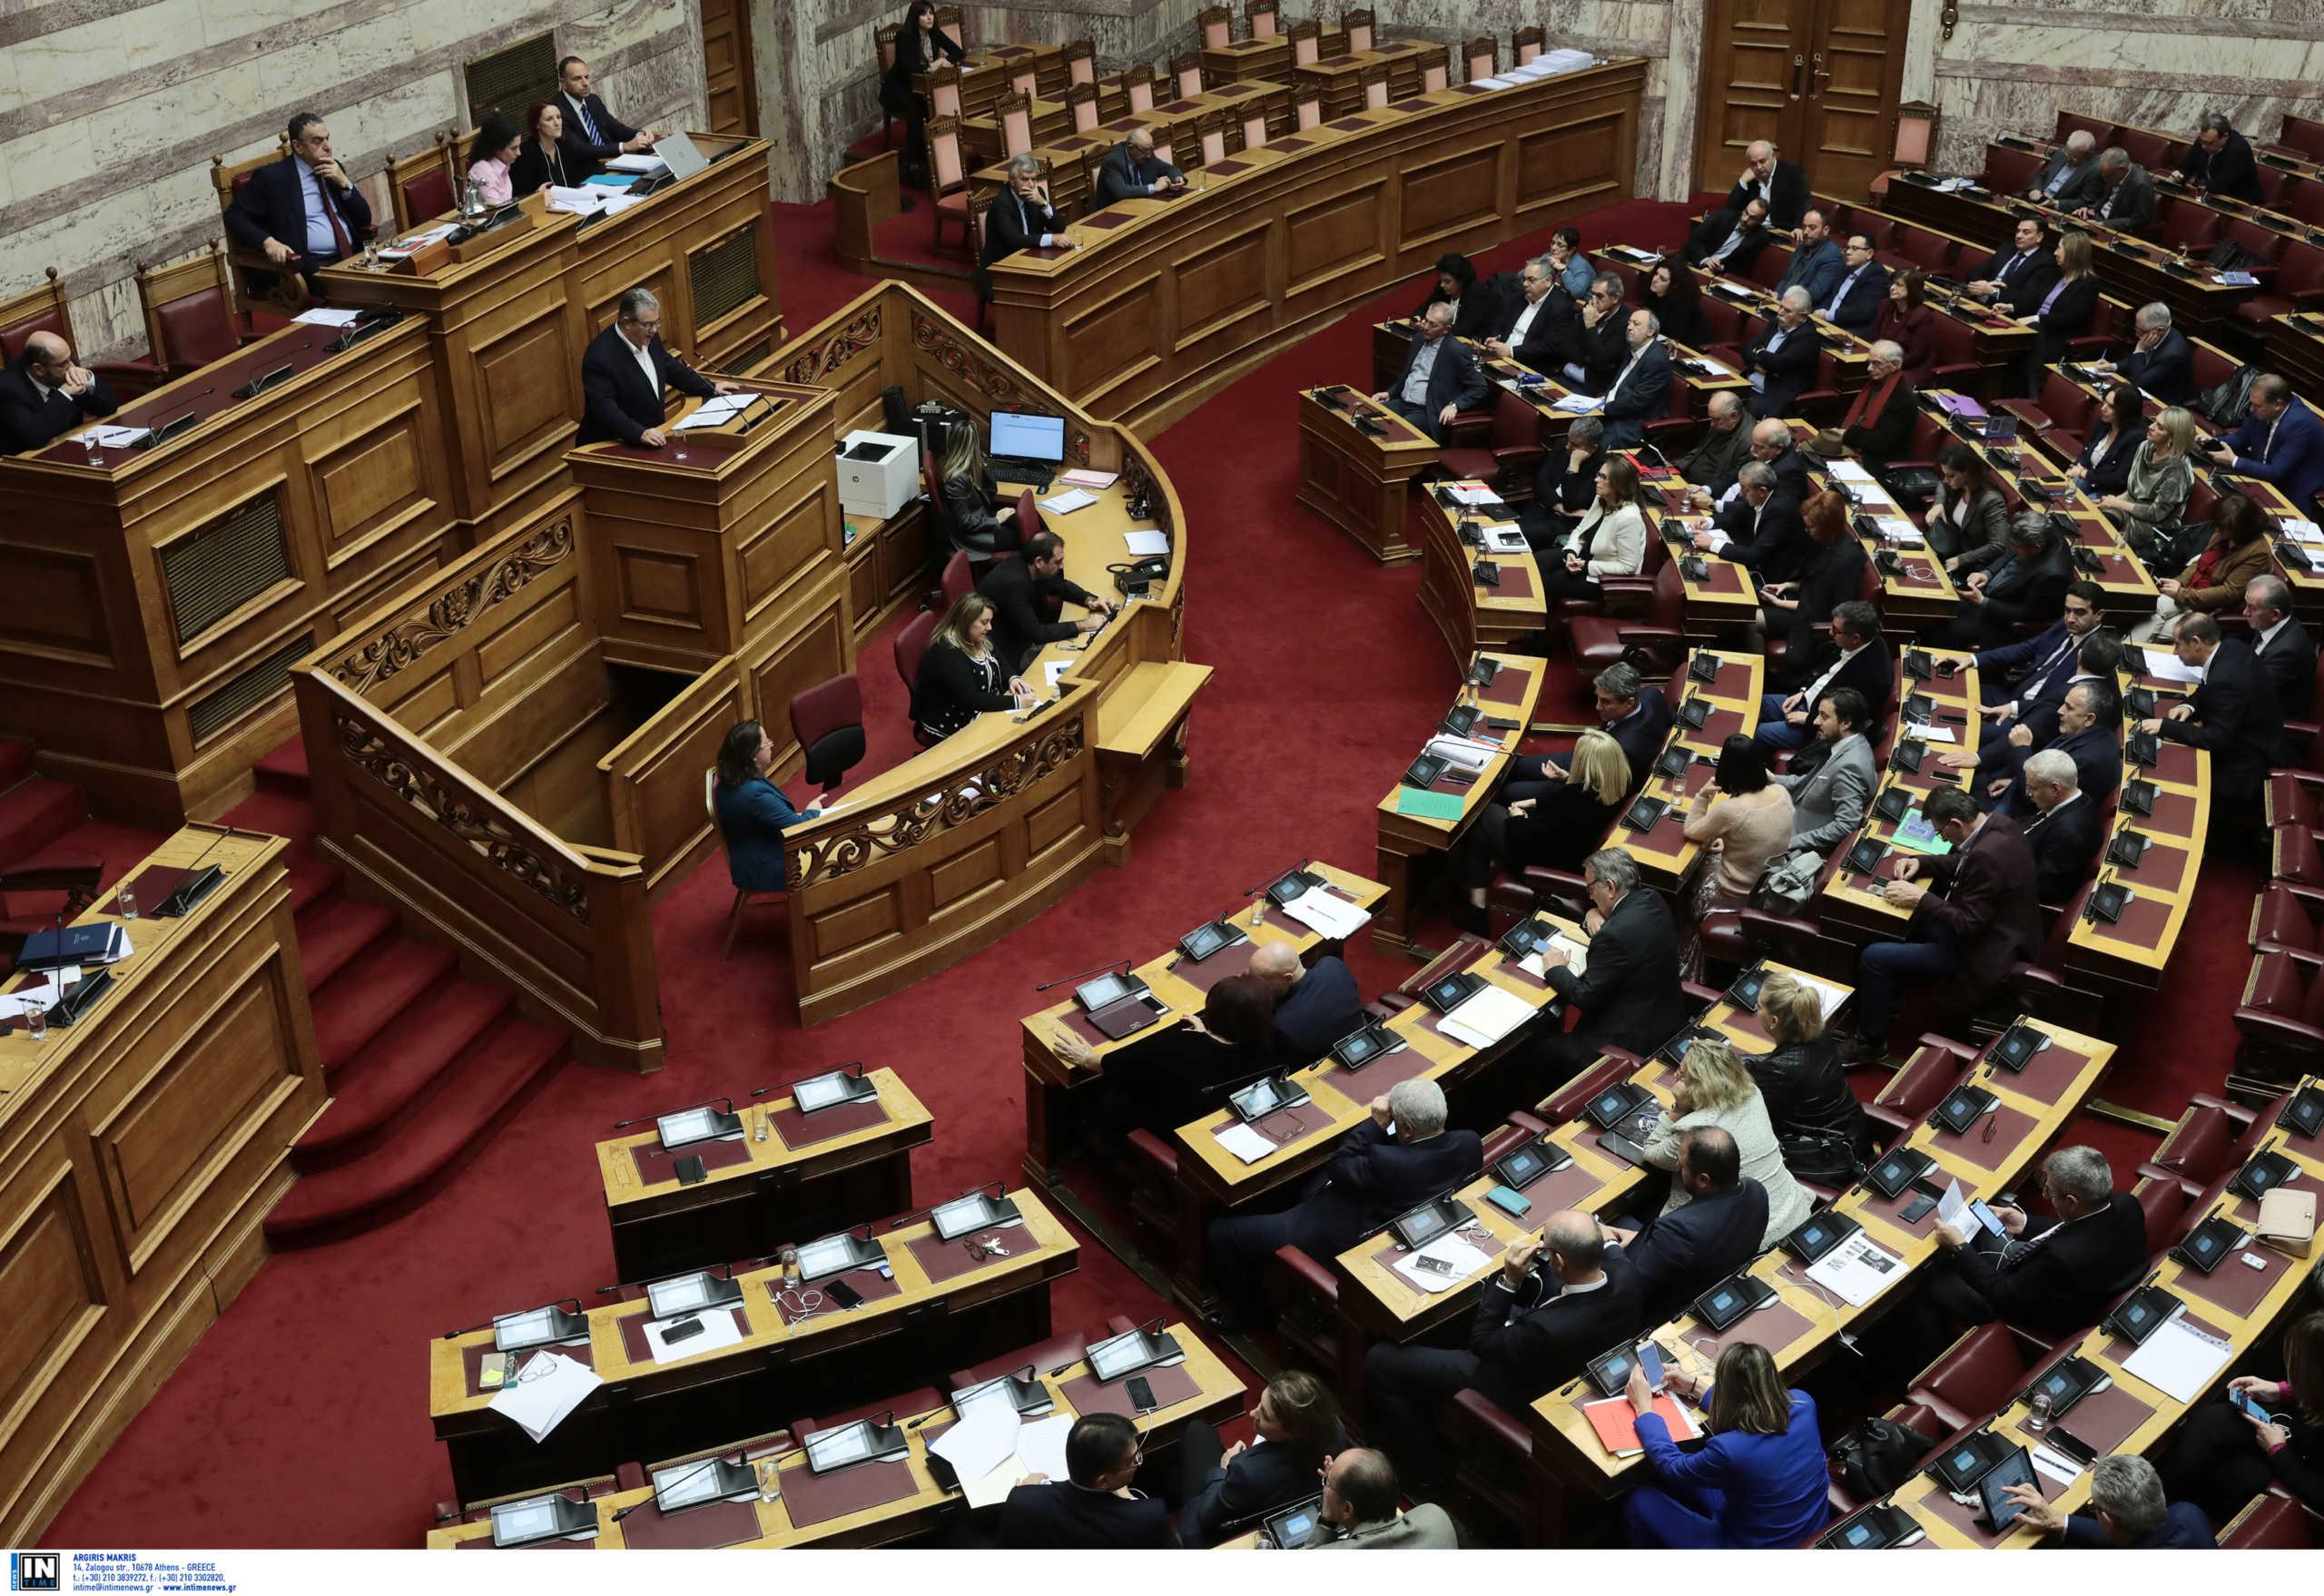 """Ένταση στη συζήτηση του νομοσχεδίου Χρυσοχοΐδη – """"Ποινικοποίηση διαδηλώσεων"""" και """"Marfin"""""""